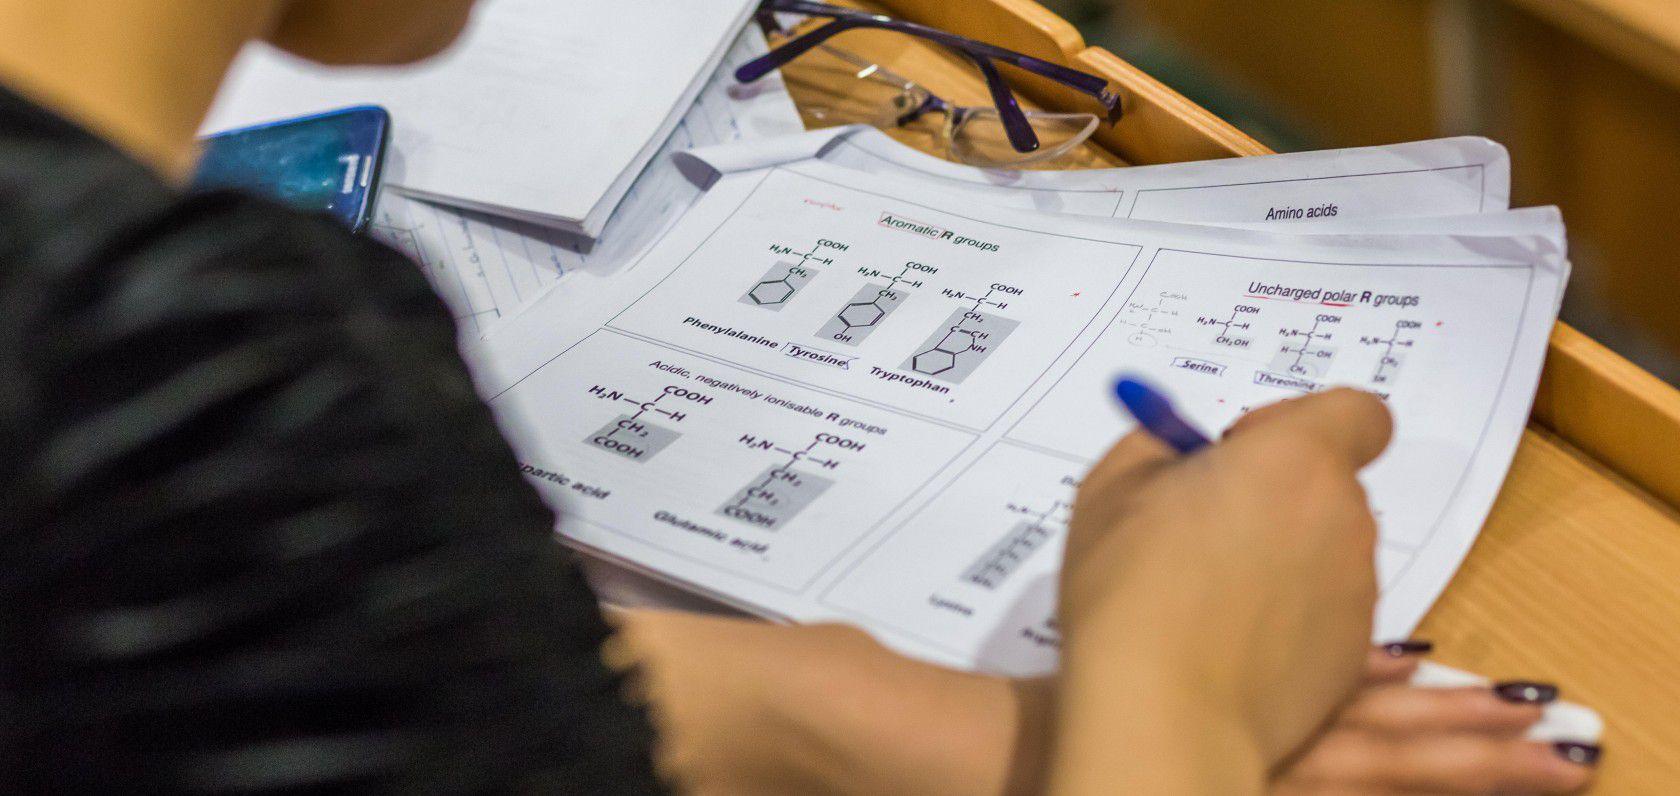 IB sınavı hazırlık sürecinde neden danışmanlık alınmalıdır?